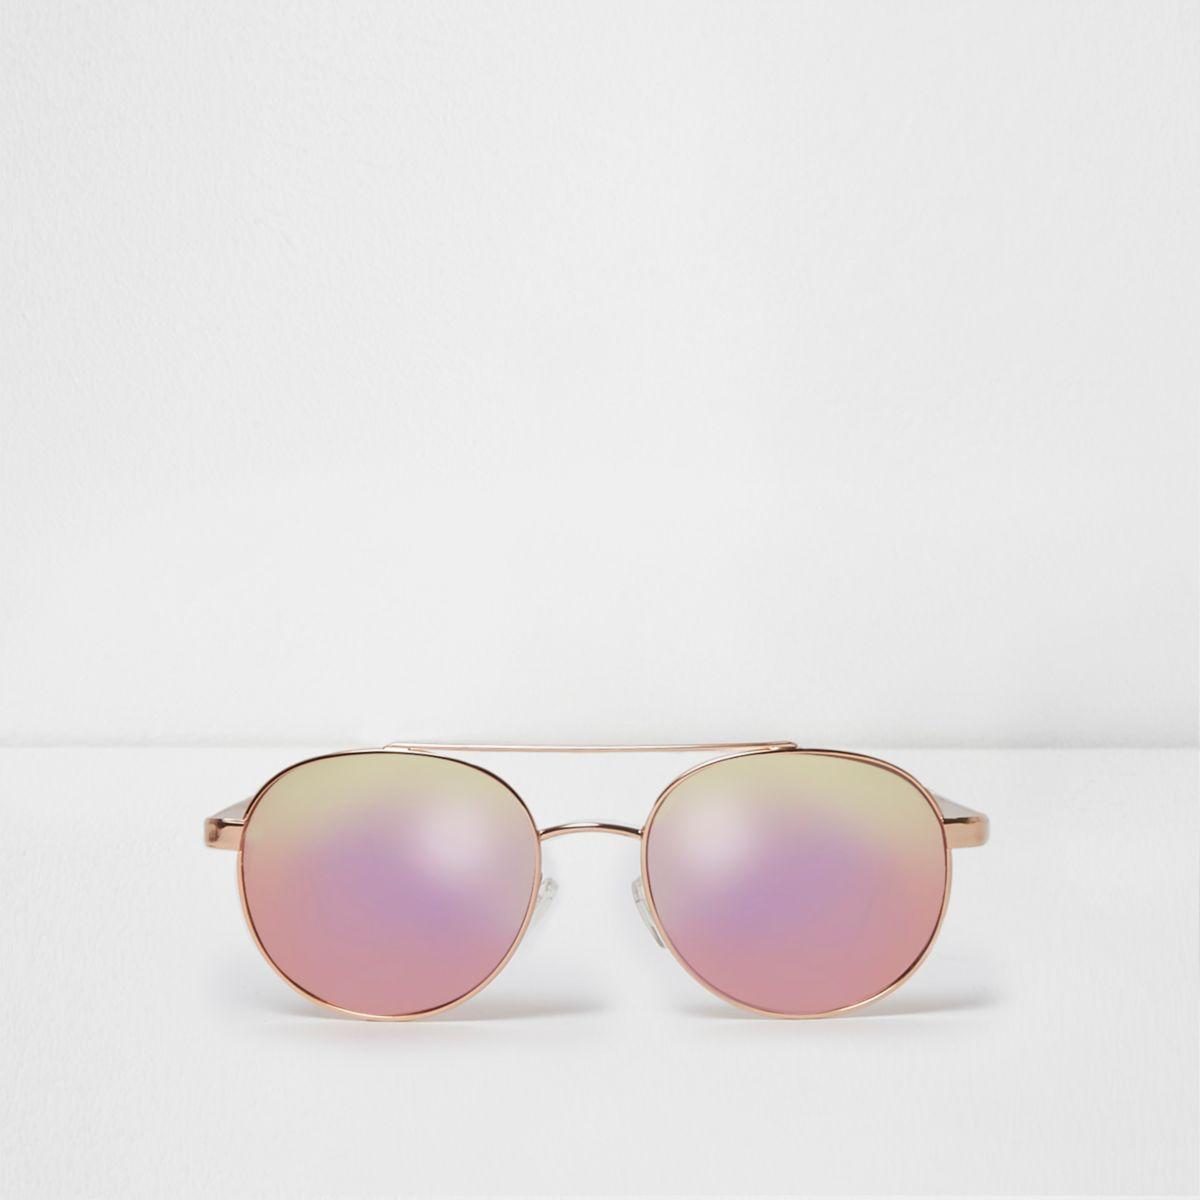 Goudkleurige pilotenzonnebril met roze spiegelglazen